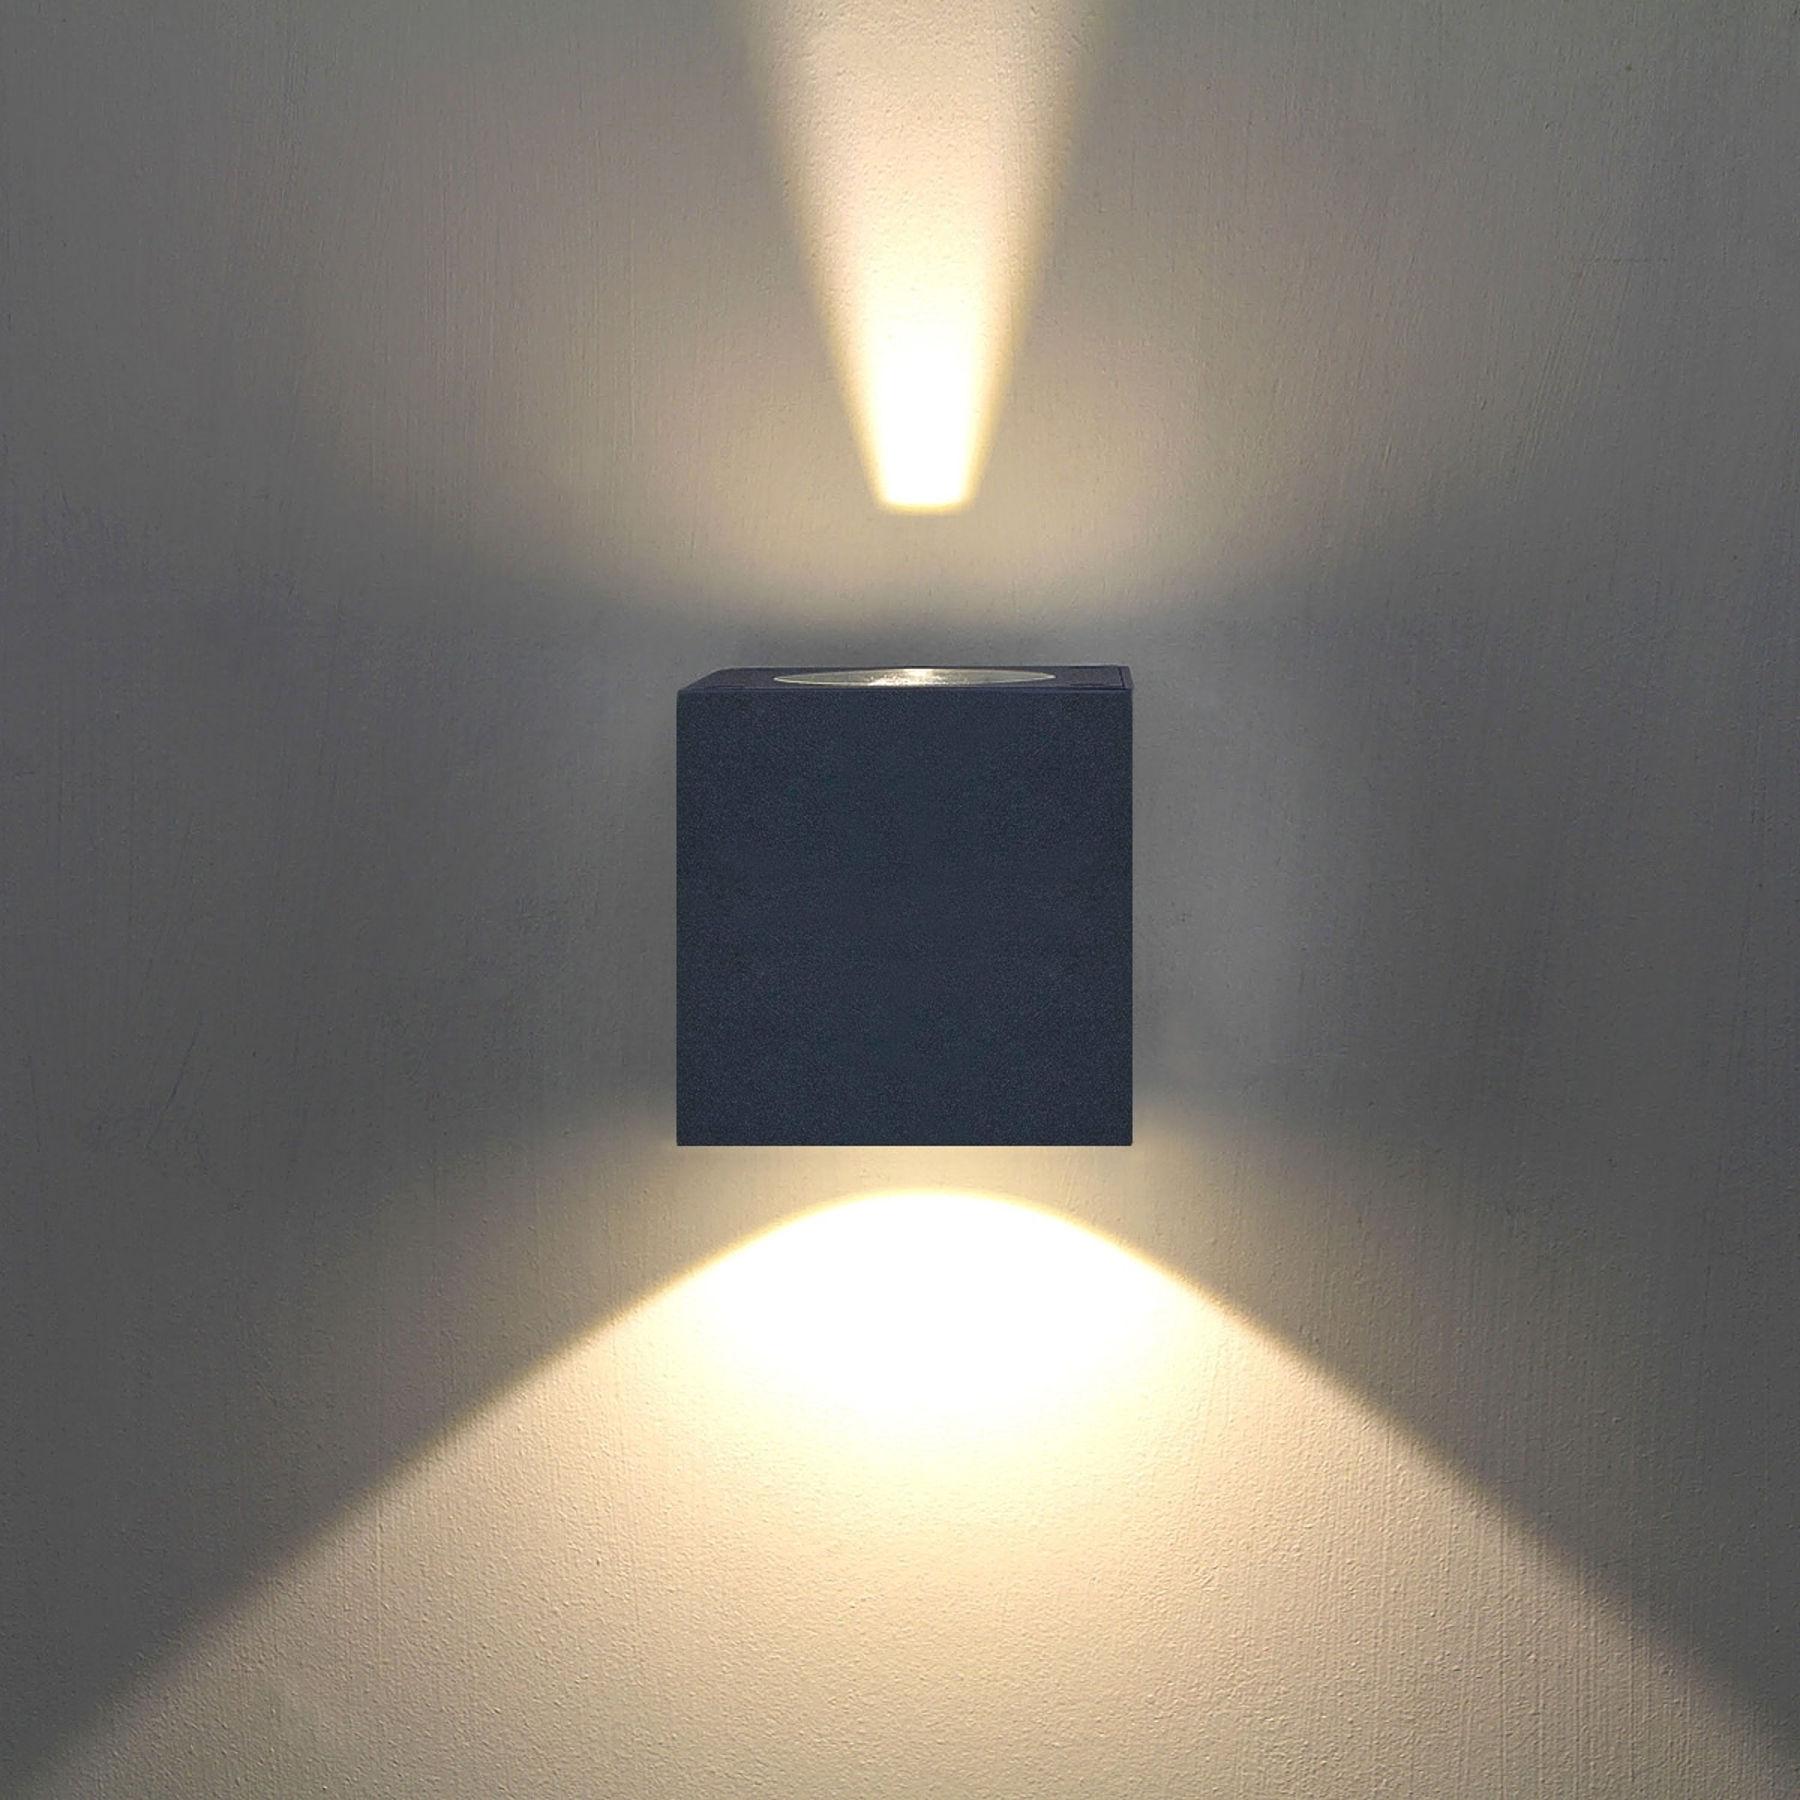 Lampa ścienna zewnętrzna LED Jarno grafitowa